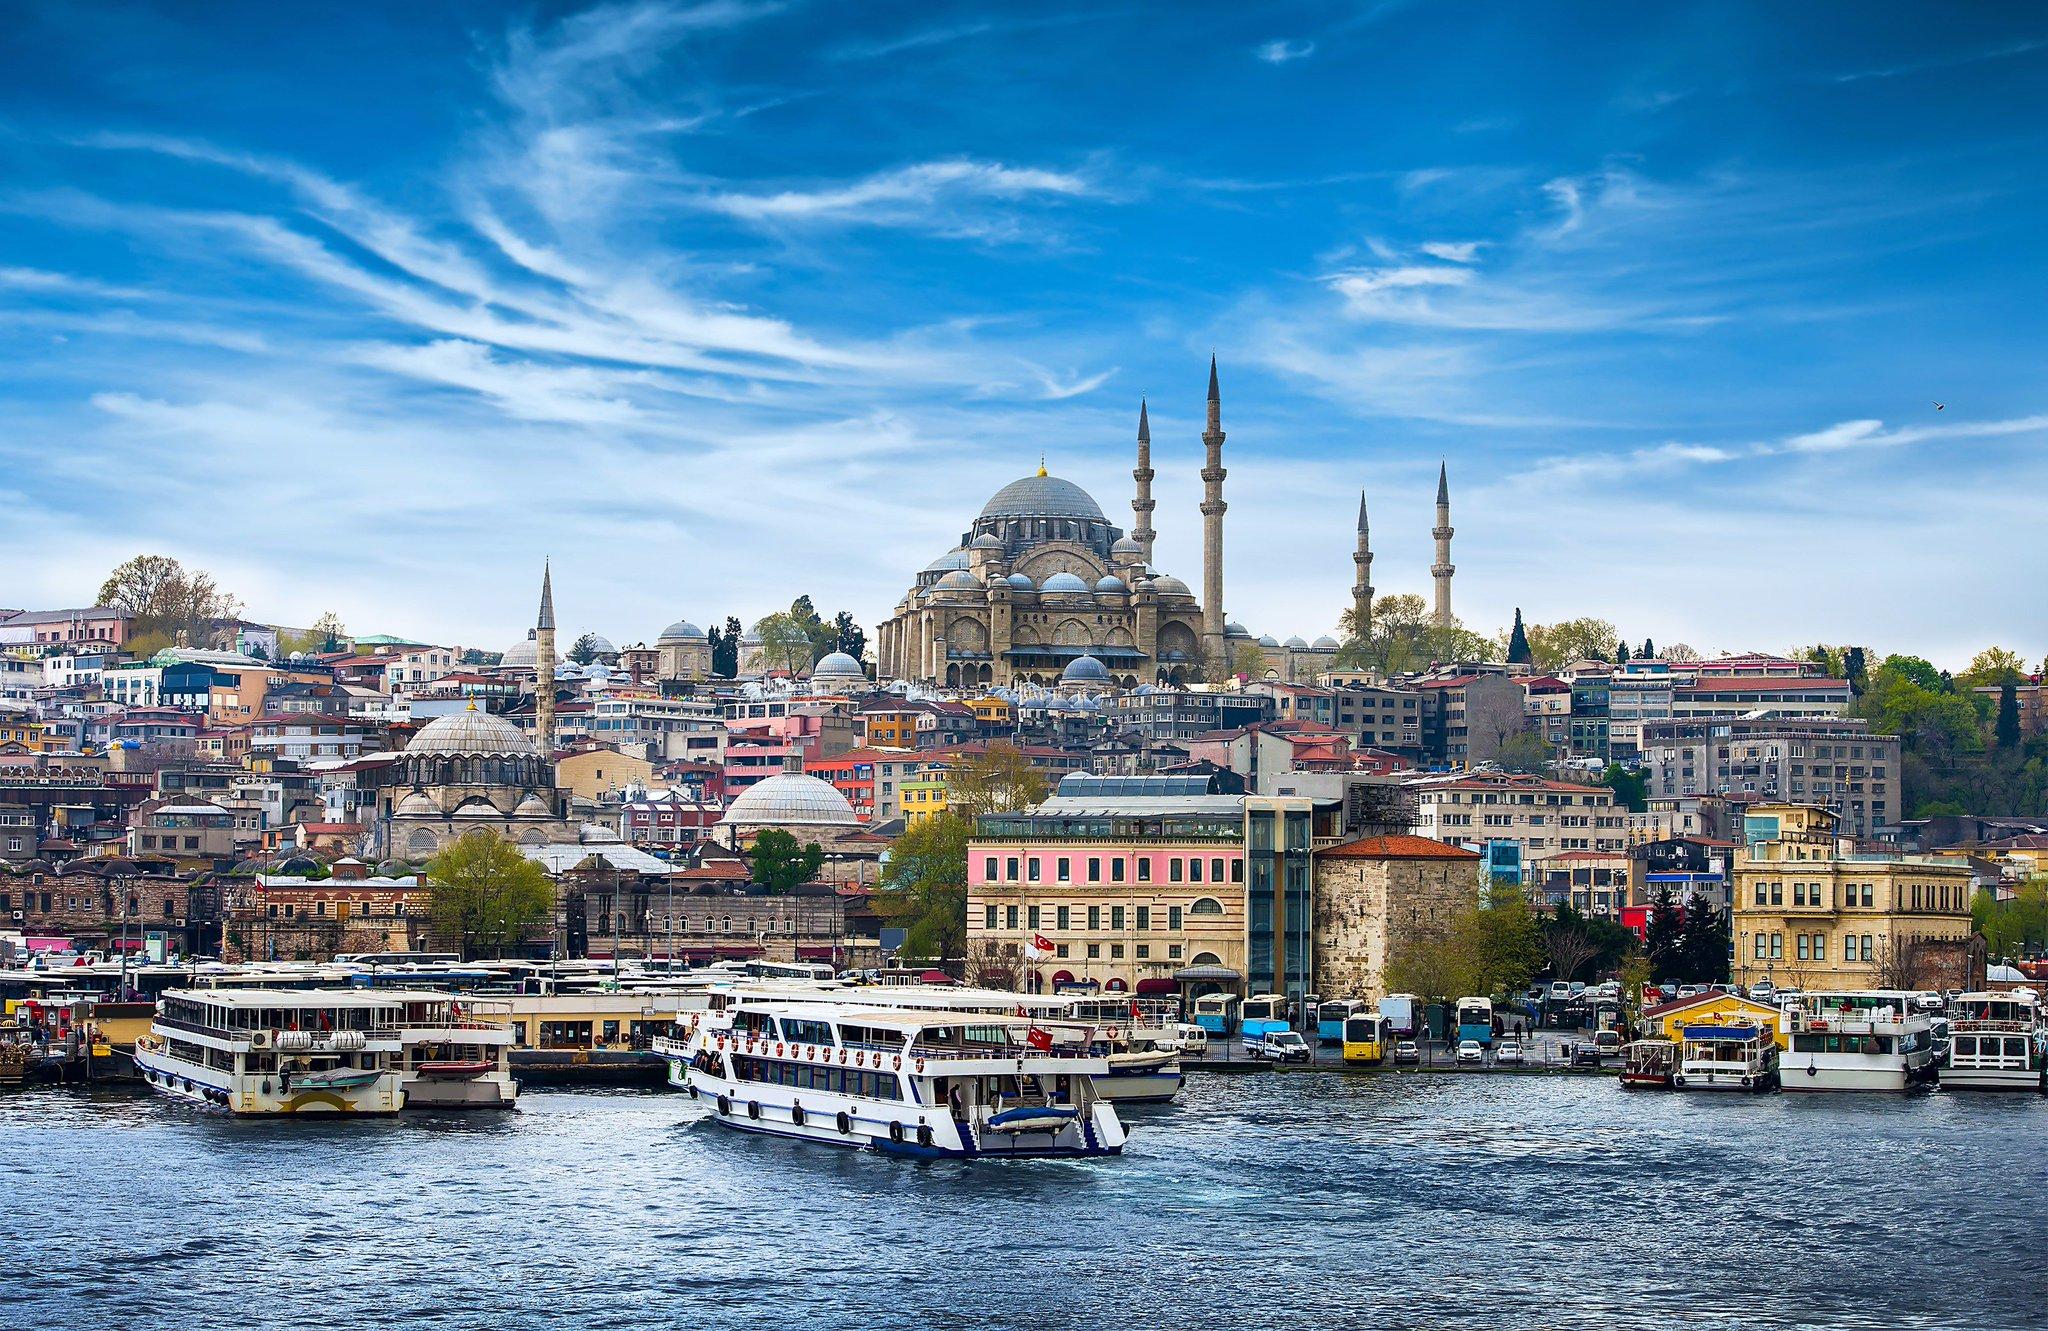 Турция картинка красивая, поздравление